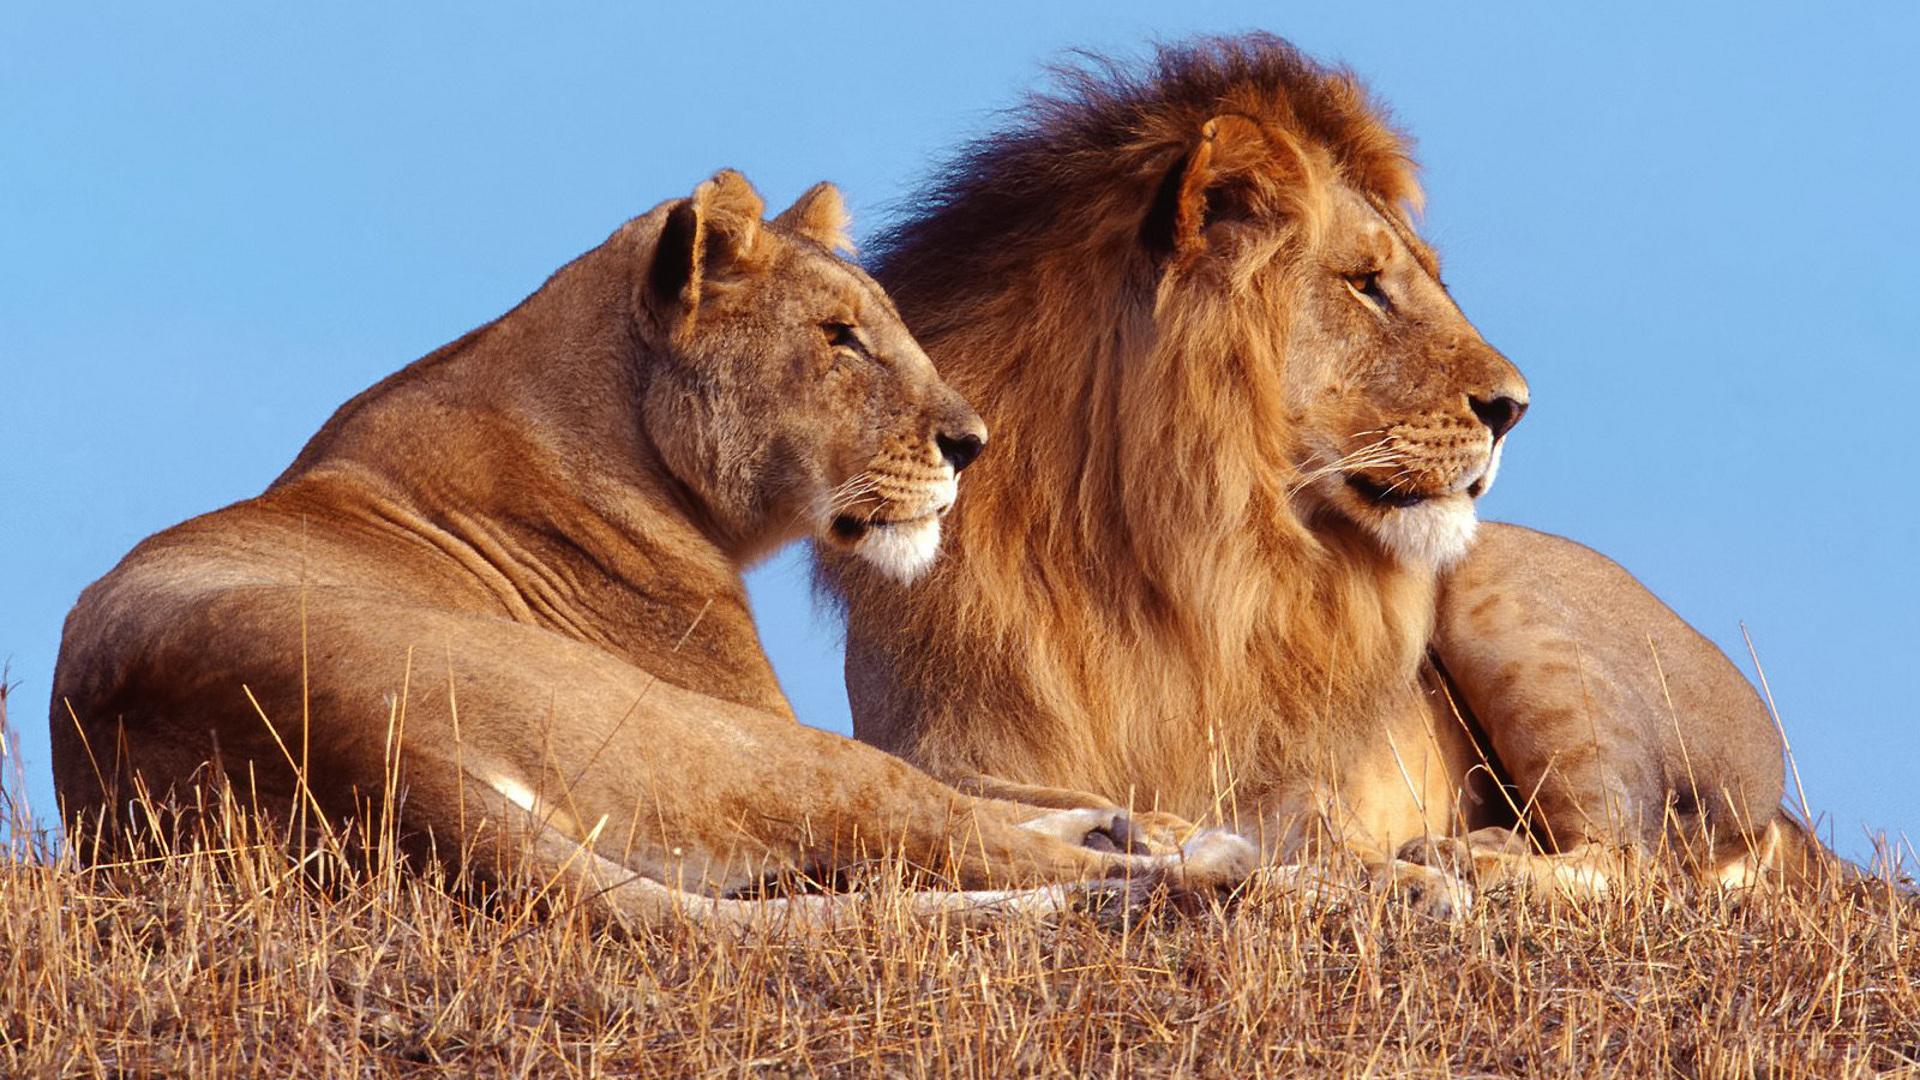 Скачать Картинки Льва На Рабочий Стол